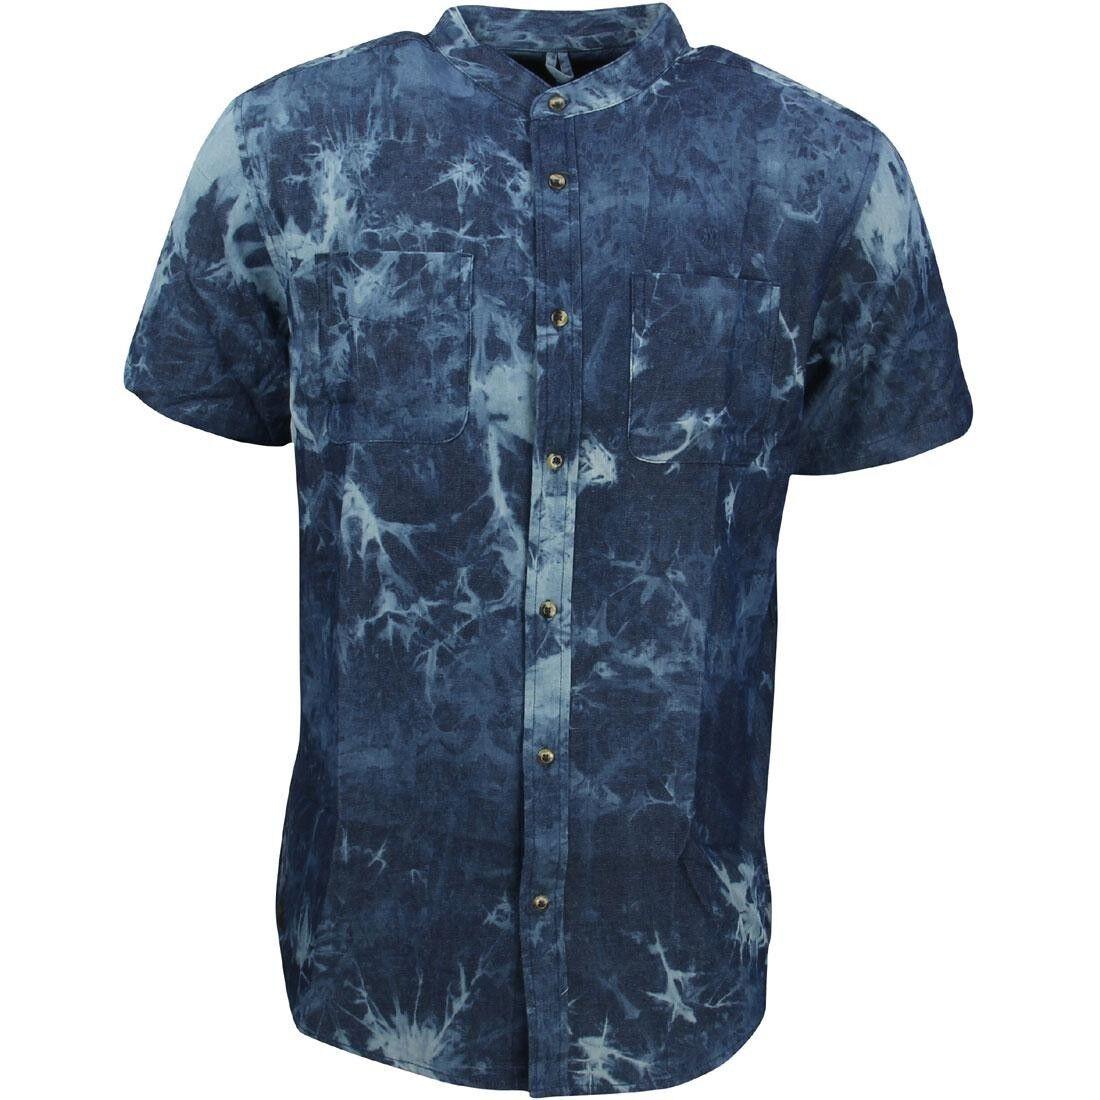 10 Deep Men Tubes Bleach Dye Short Sleeve Shirt bluee dark bleach